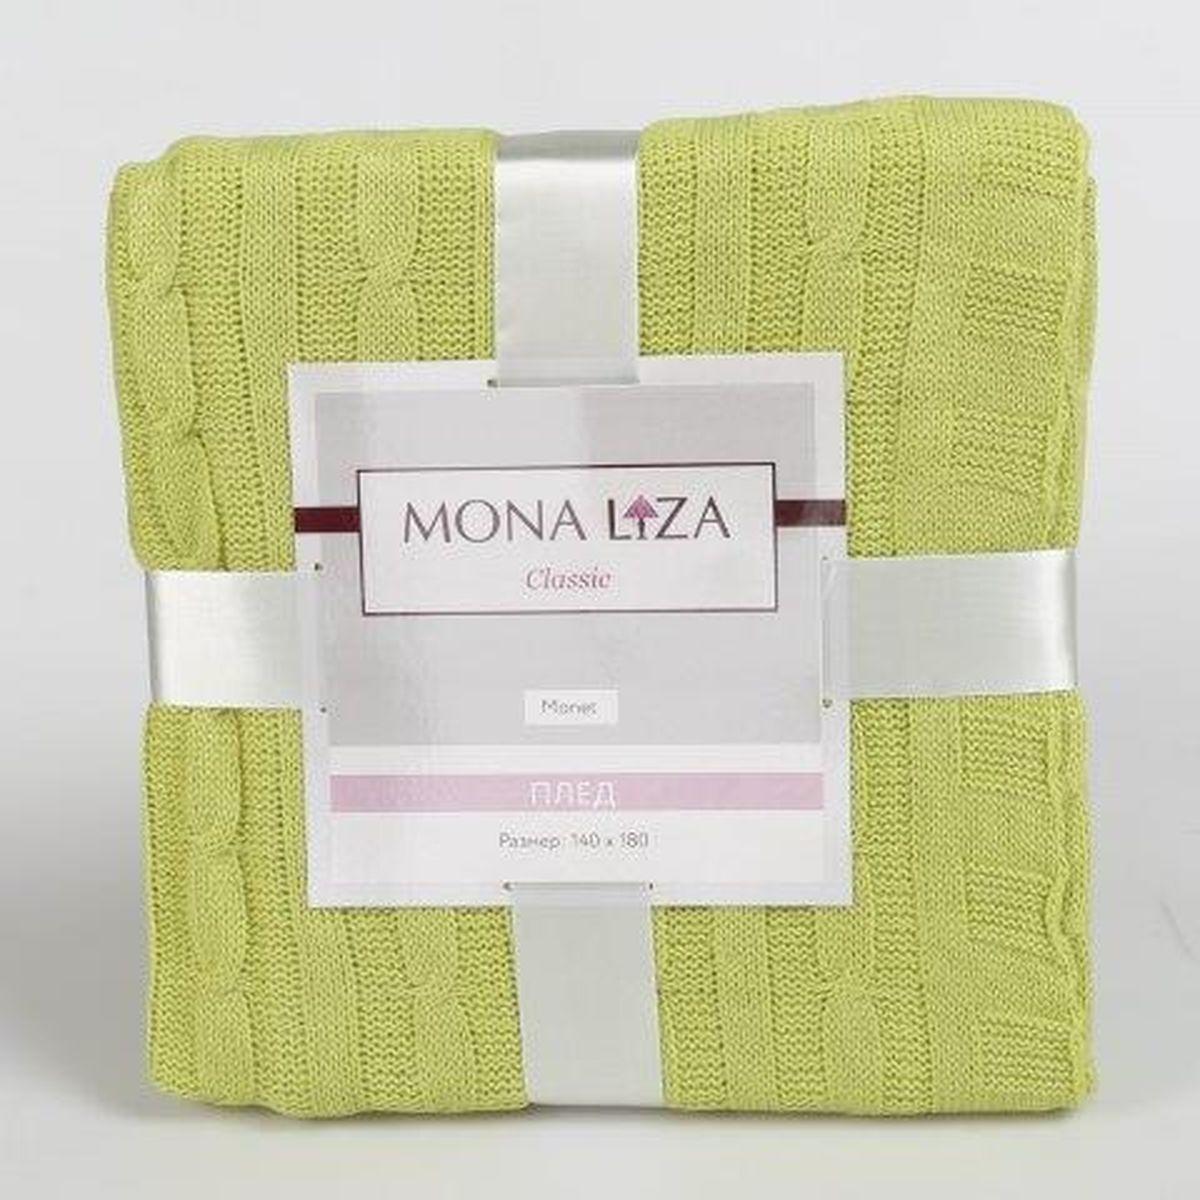 Плед Mona Liza Classic Monet, цвет: салатовый, 140 х 180 см520403/5Оригинальный вязаный плед Mona Liza Classic Monet послужит теплым, мягким и практичным подарком близким людям. Плед изготовлен из высококачественного 100% акрила. Яркий и приятный на ощупь плед Mona Liza Classic Monet станет отличным дополнением в вашем интерьере.